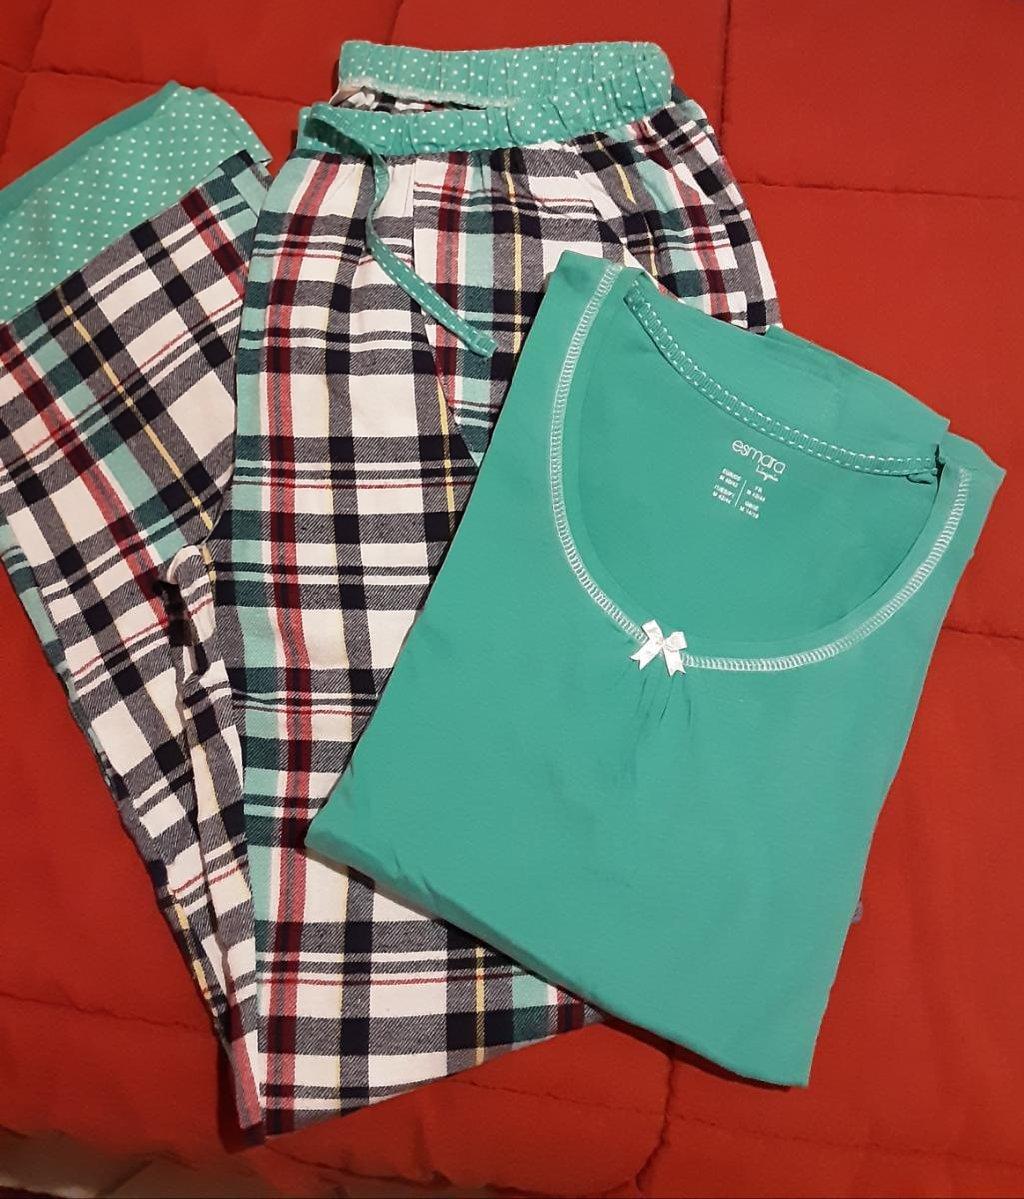 Γυναικείες πυτζάμες, size L, ελάχιστα φορεμένες, άριστη κατάσταση